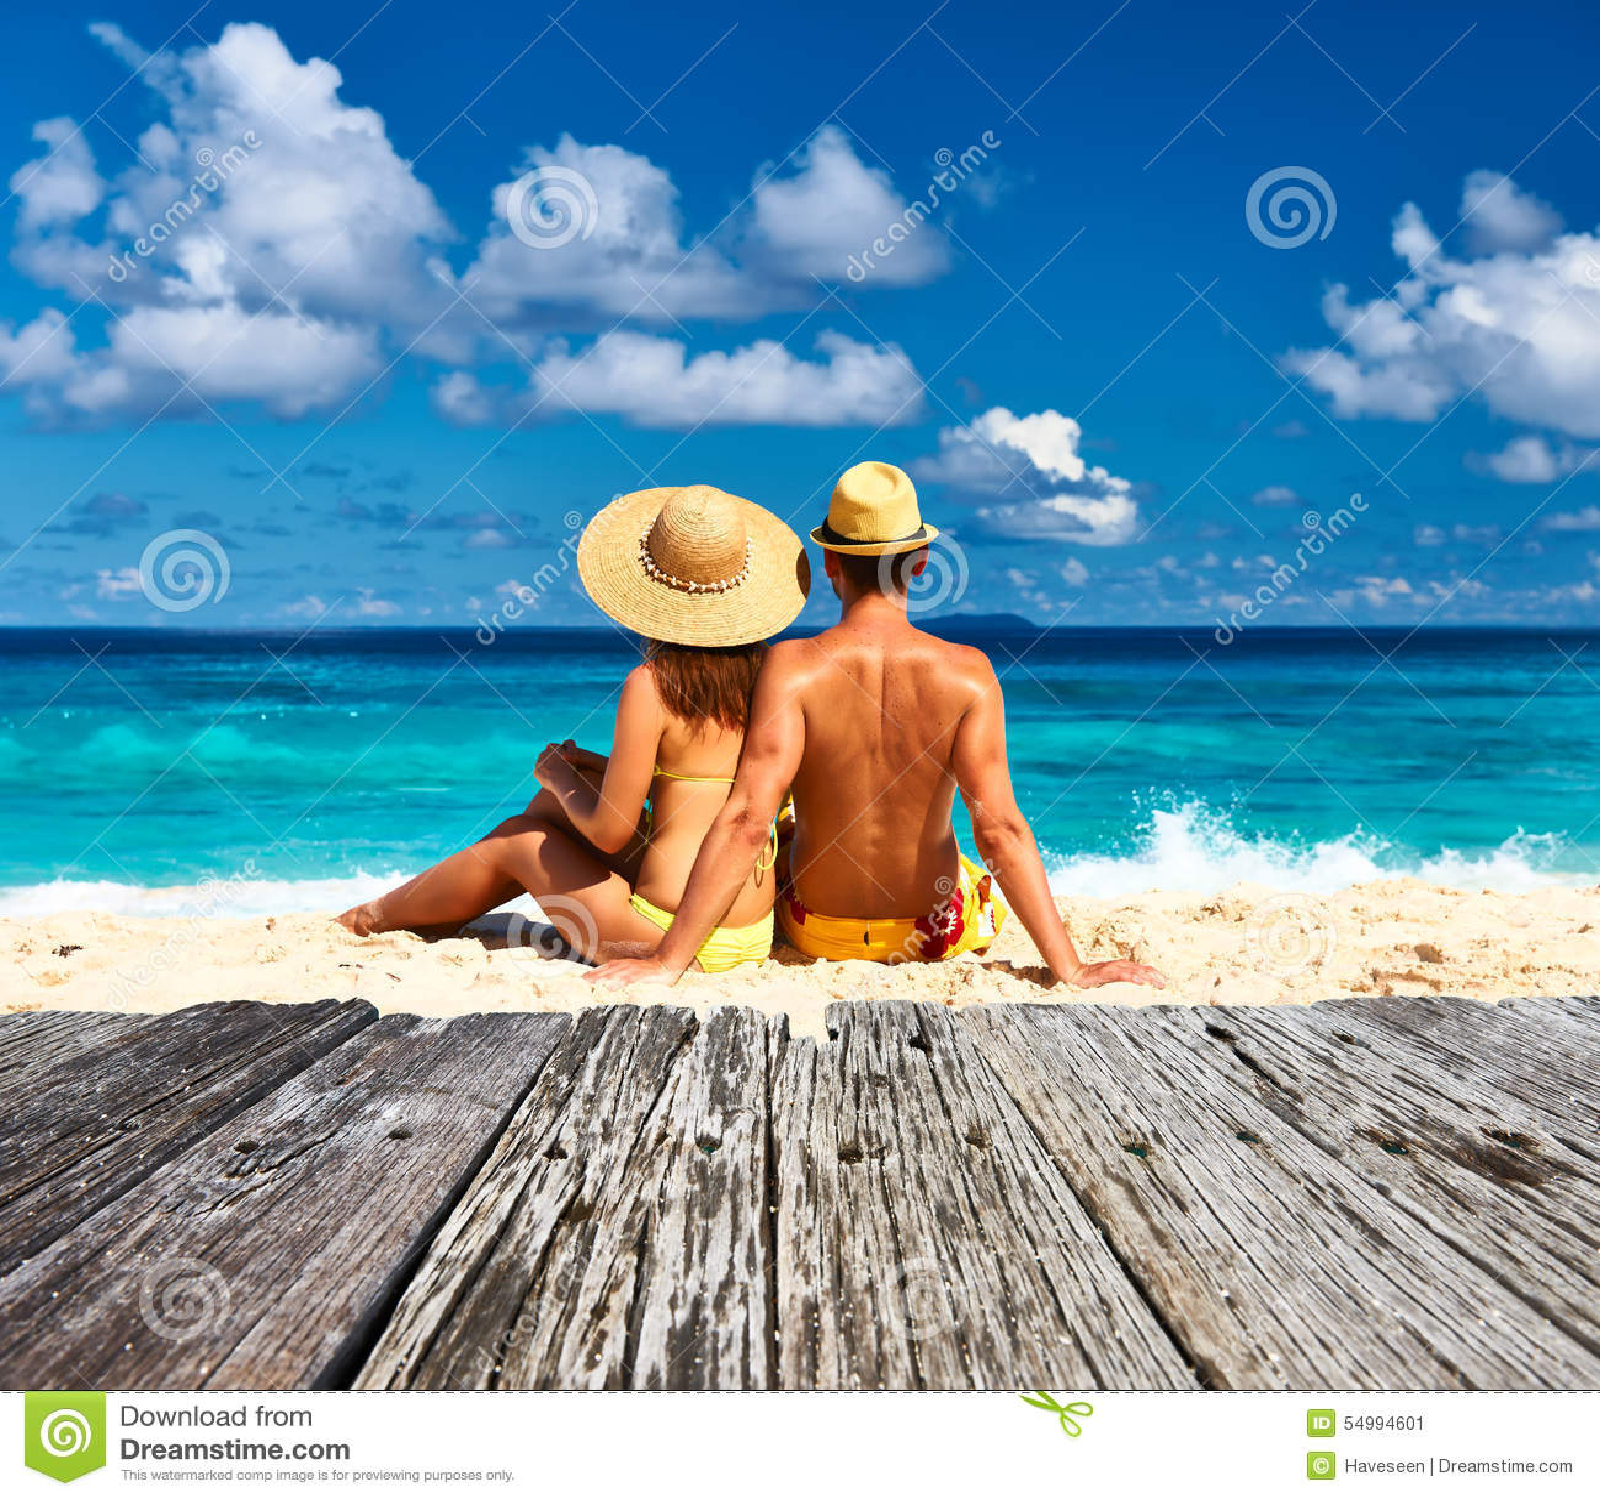 Seychelles Beach: Couple On A Beach At Seychelles Stock Image